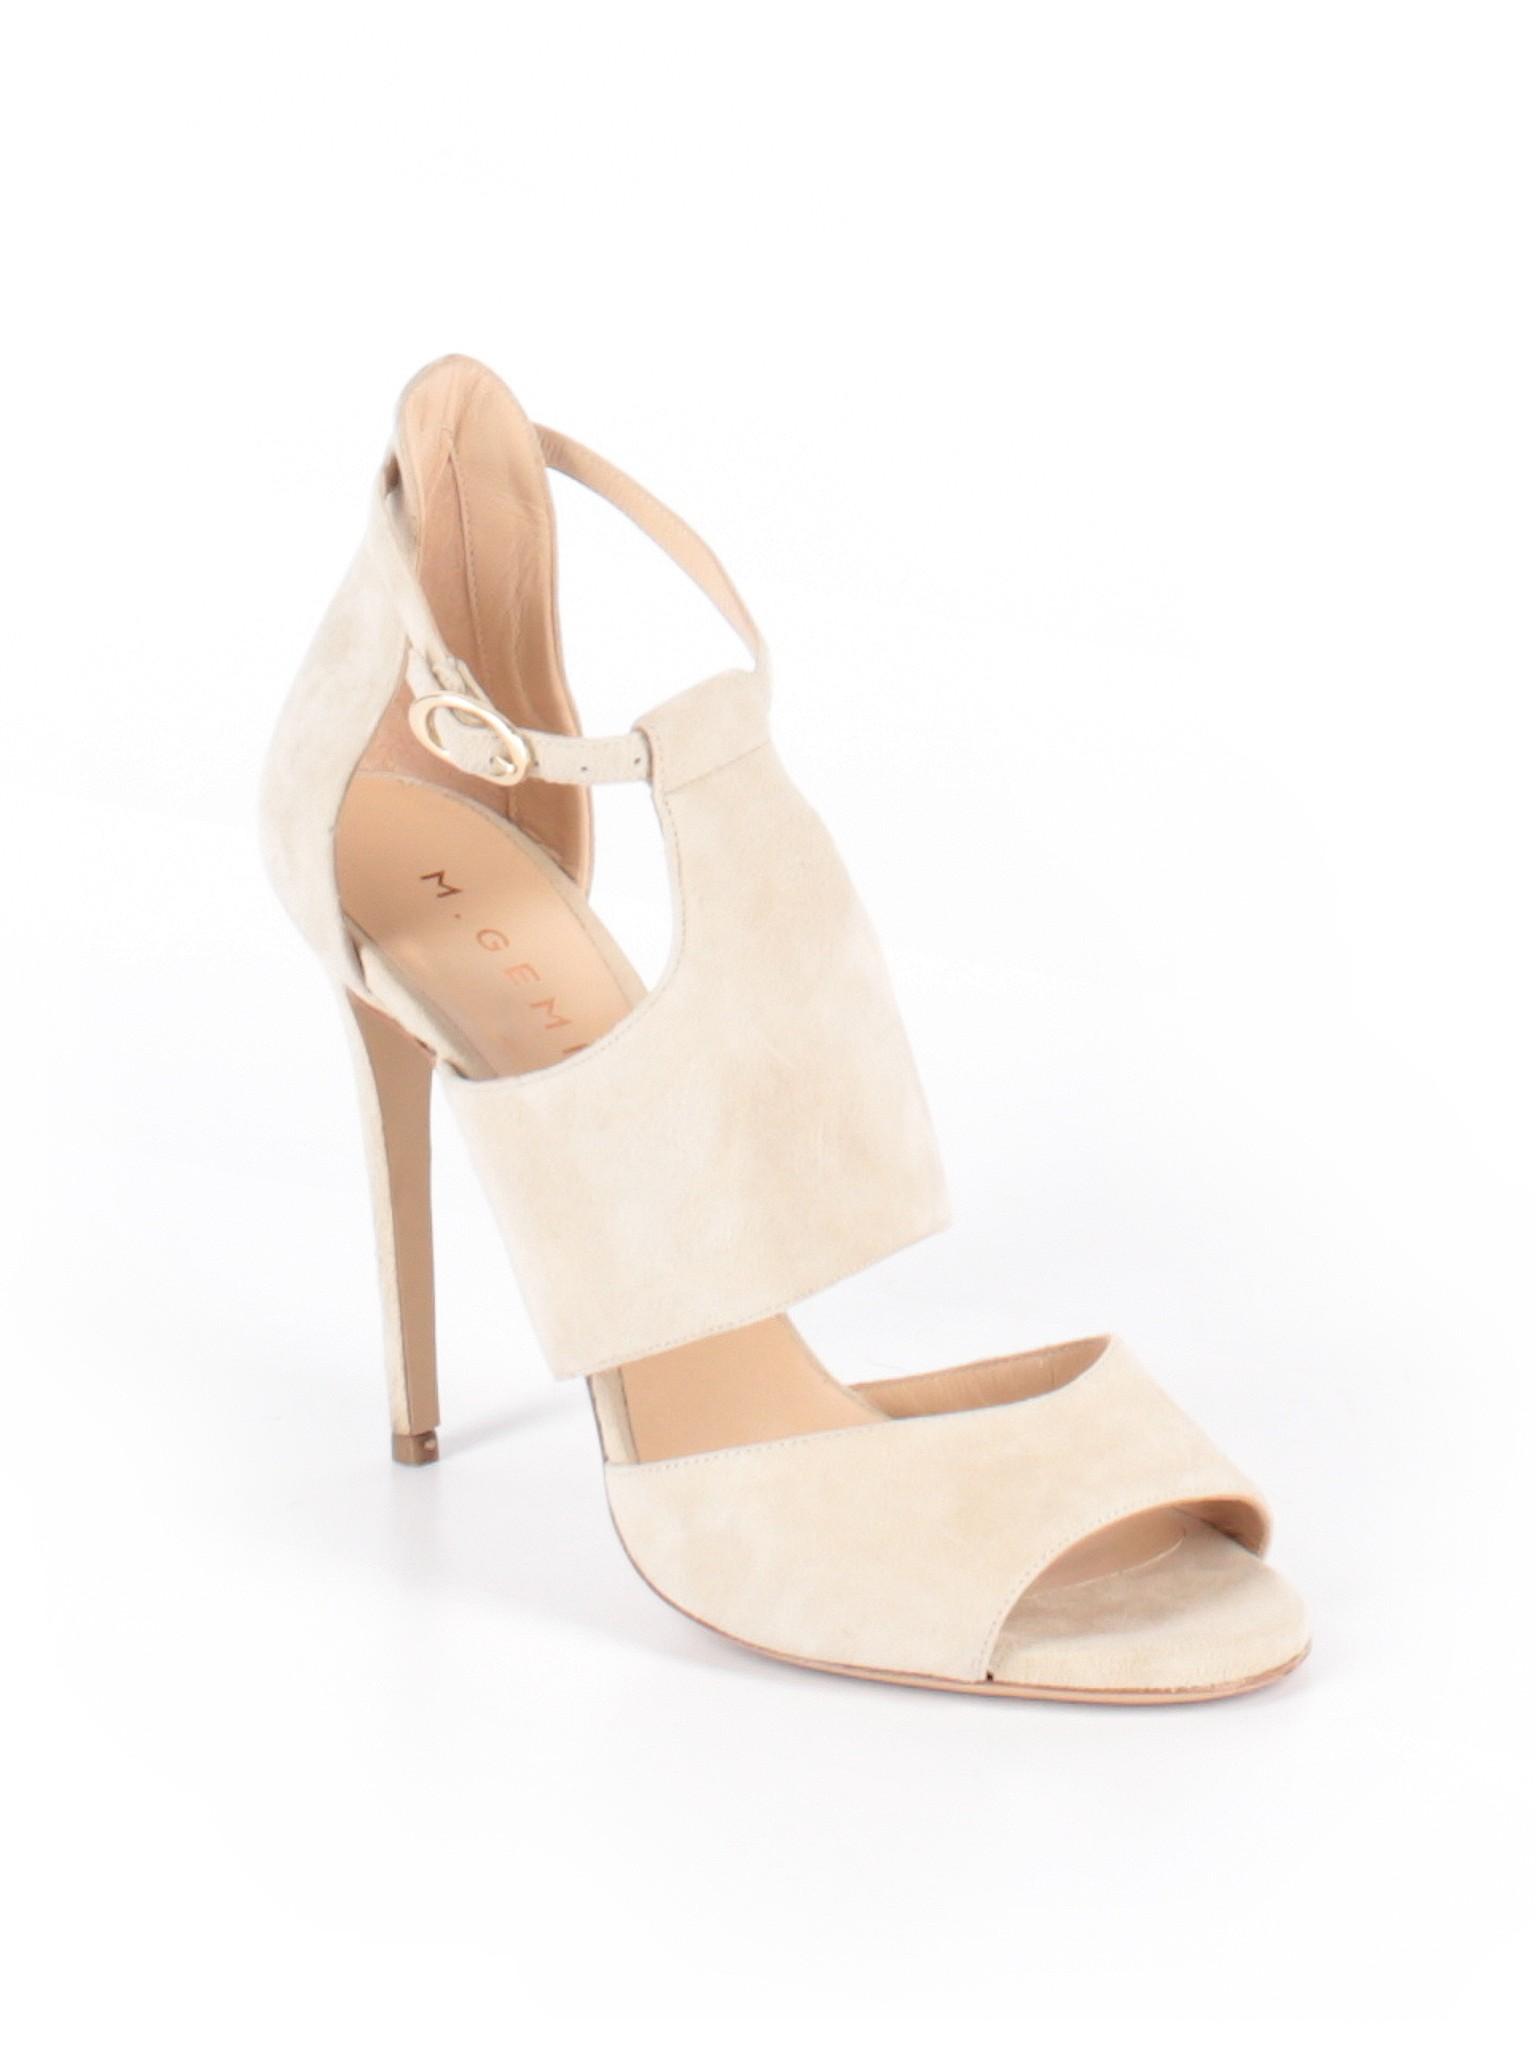 Boutique promotion M M Boutique Heels Gemi Gemi Boutique Heels promotion promotion qBtHxdwd4